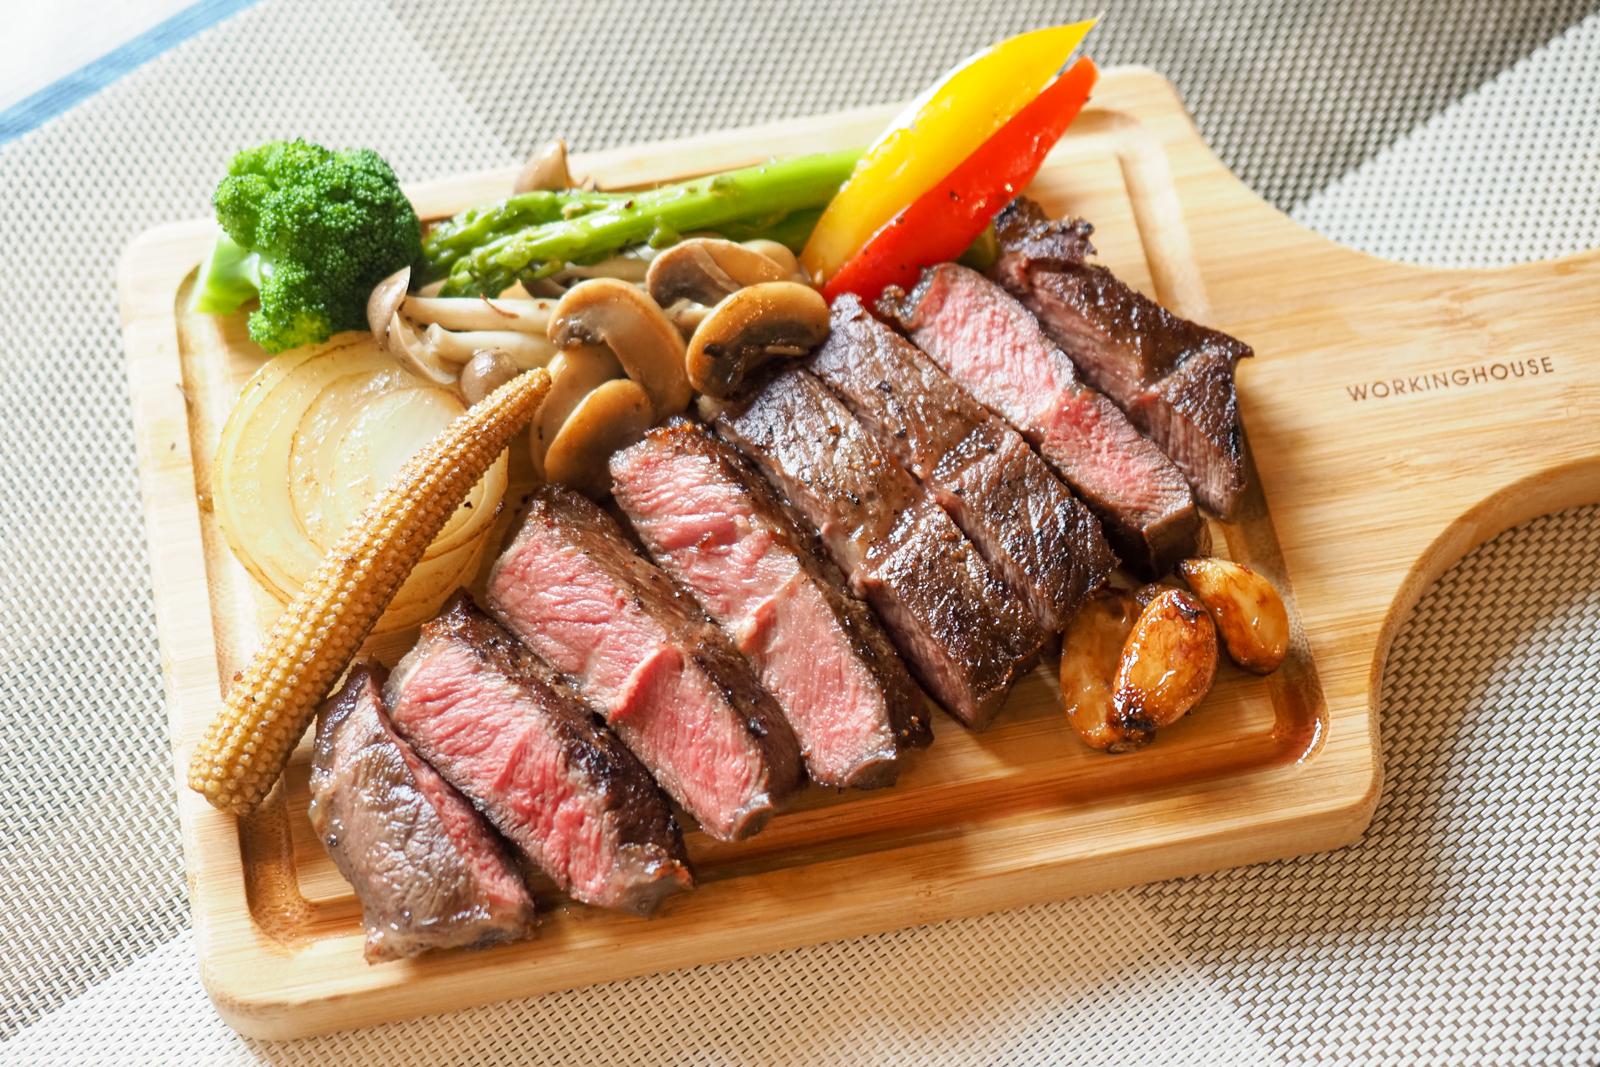 瀧厚熟成牛專門店 宅在家吃五星級牛排 一包不用兩百直接給你牛排餐館千元等級牛排